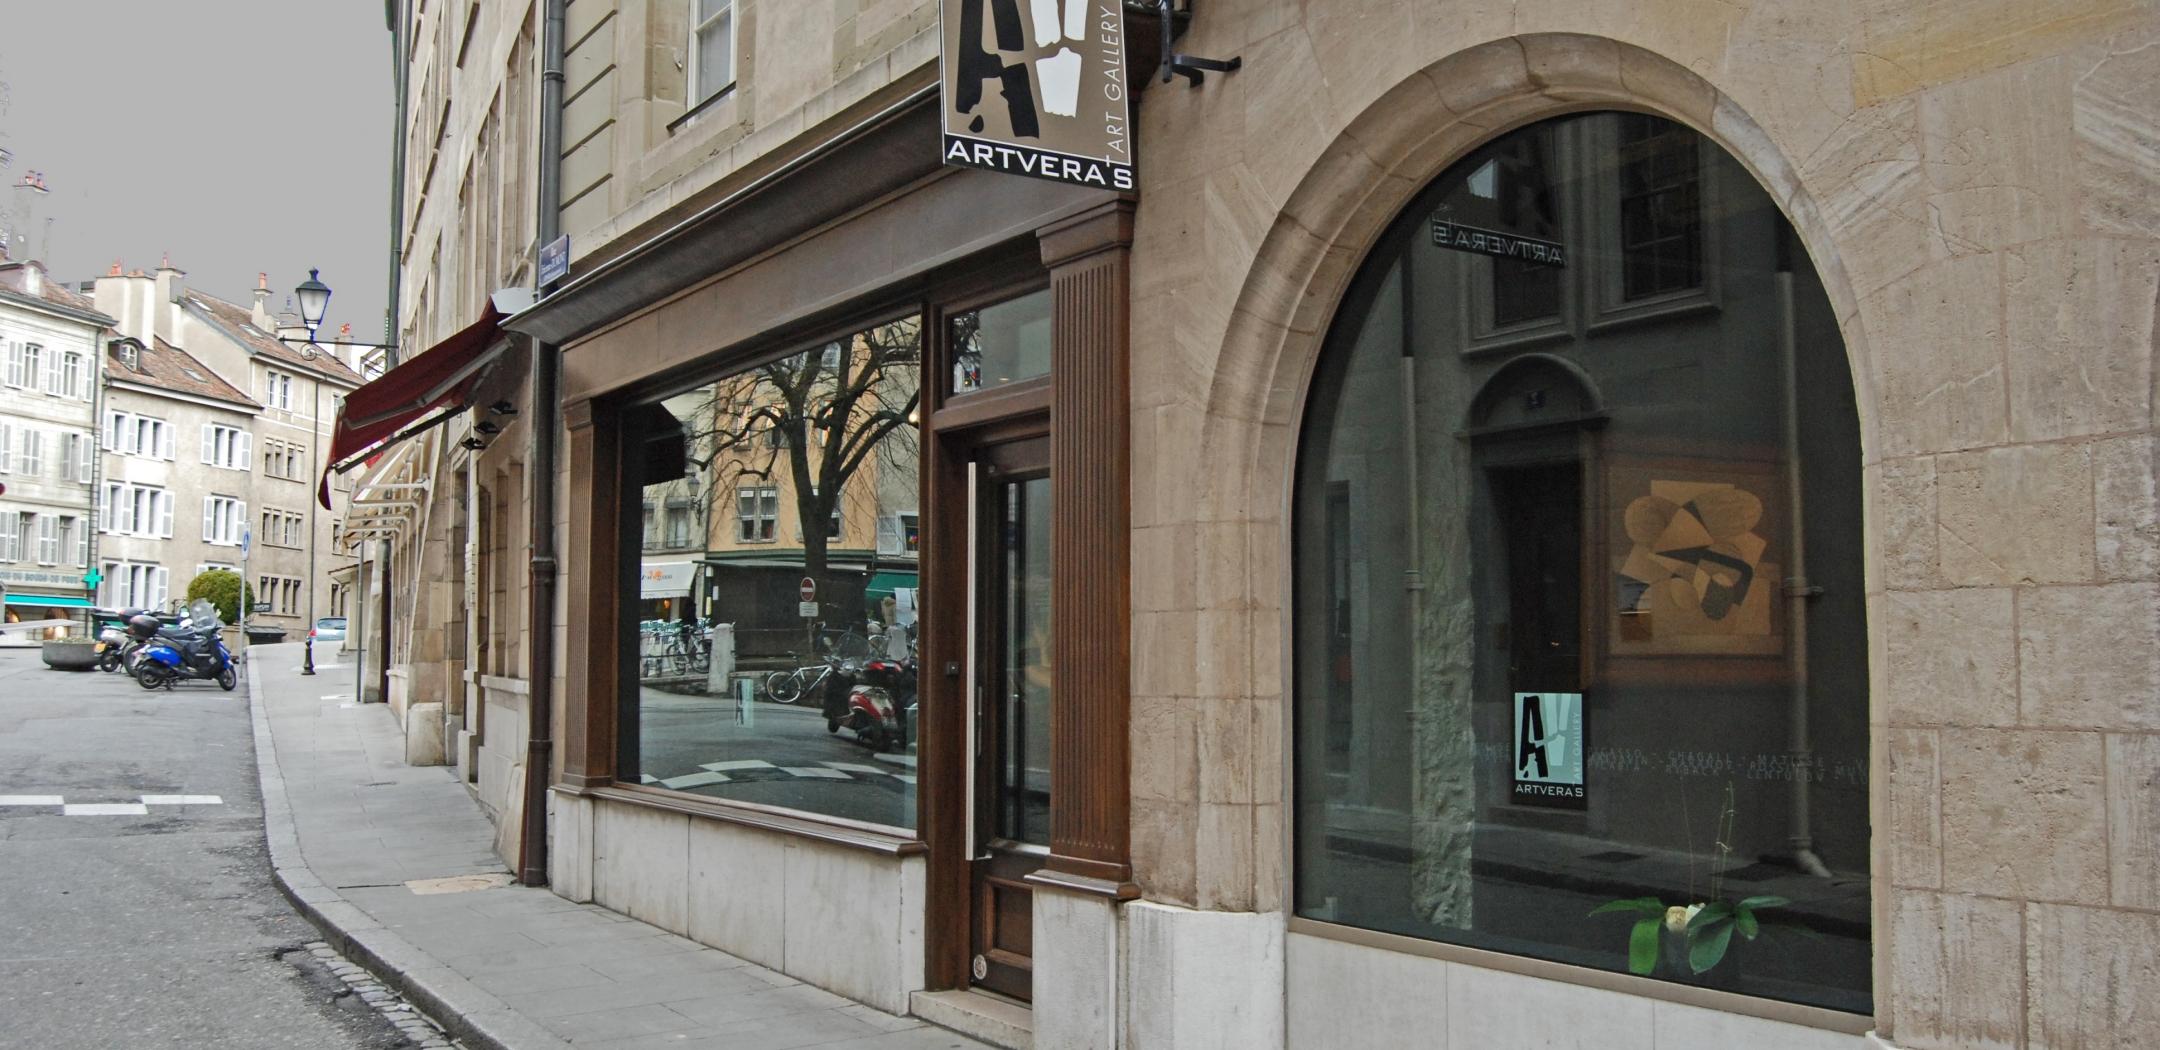 Galerie Artvera's